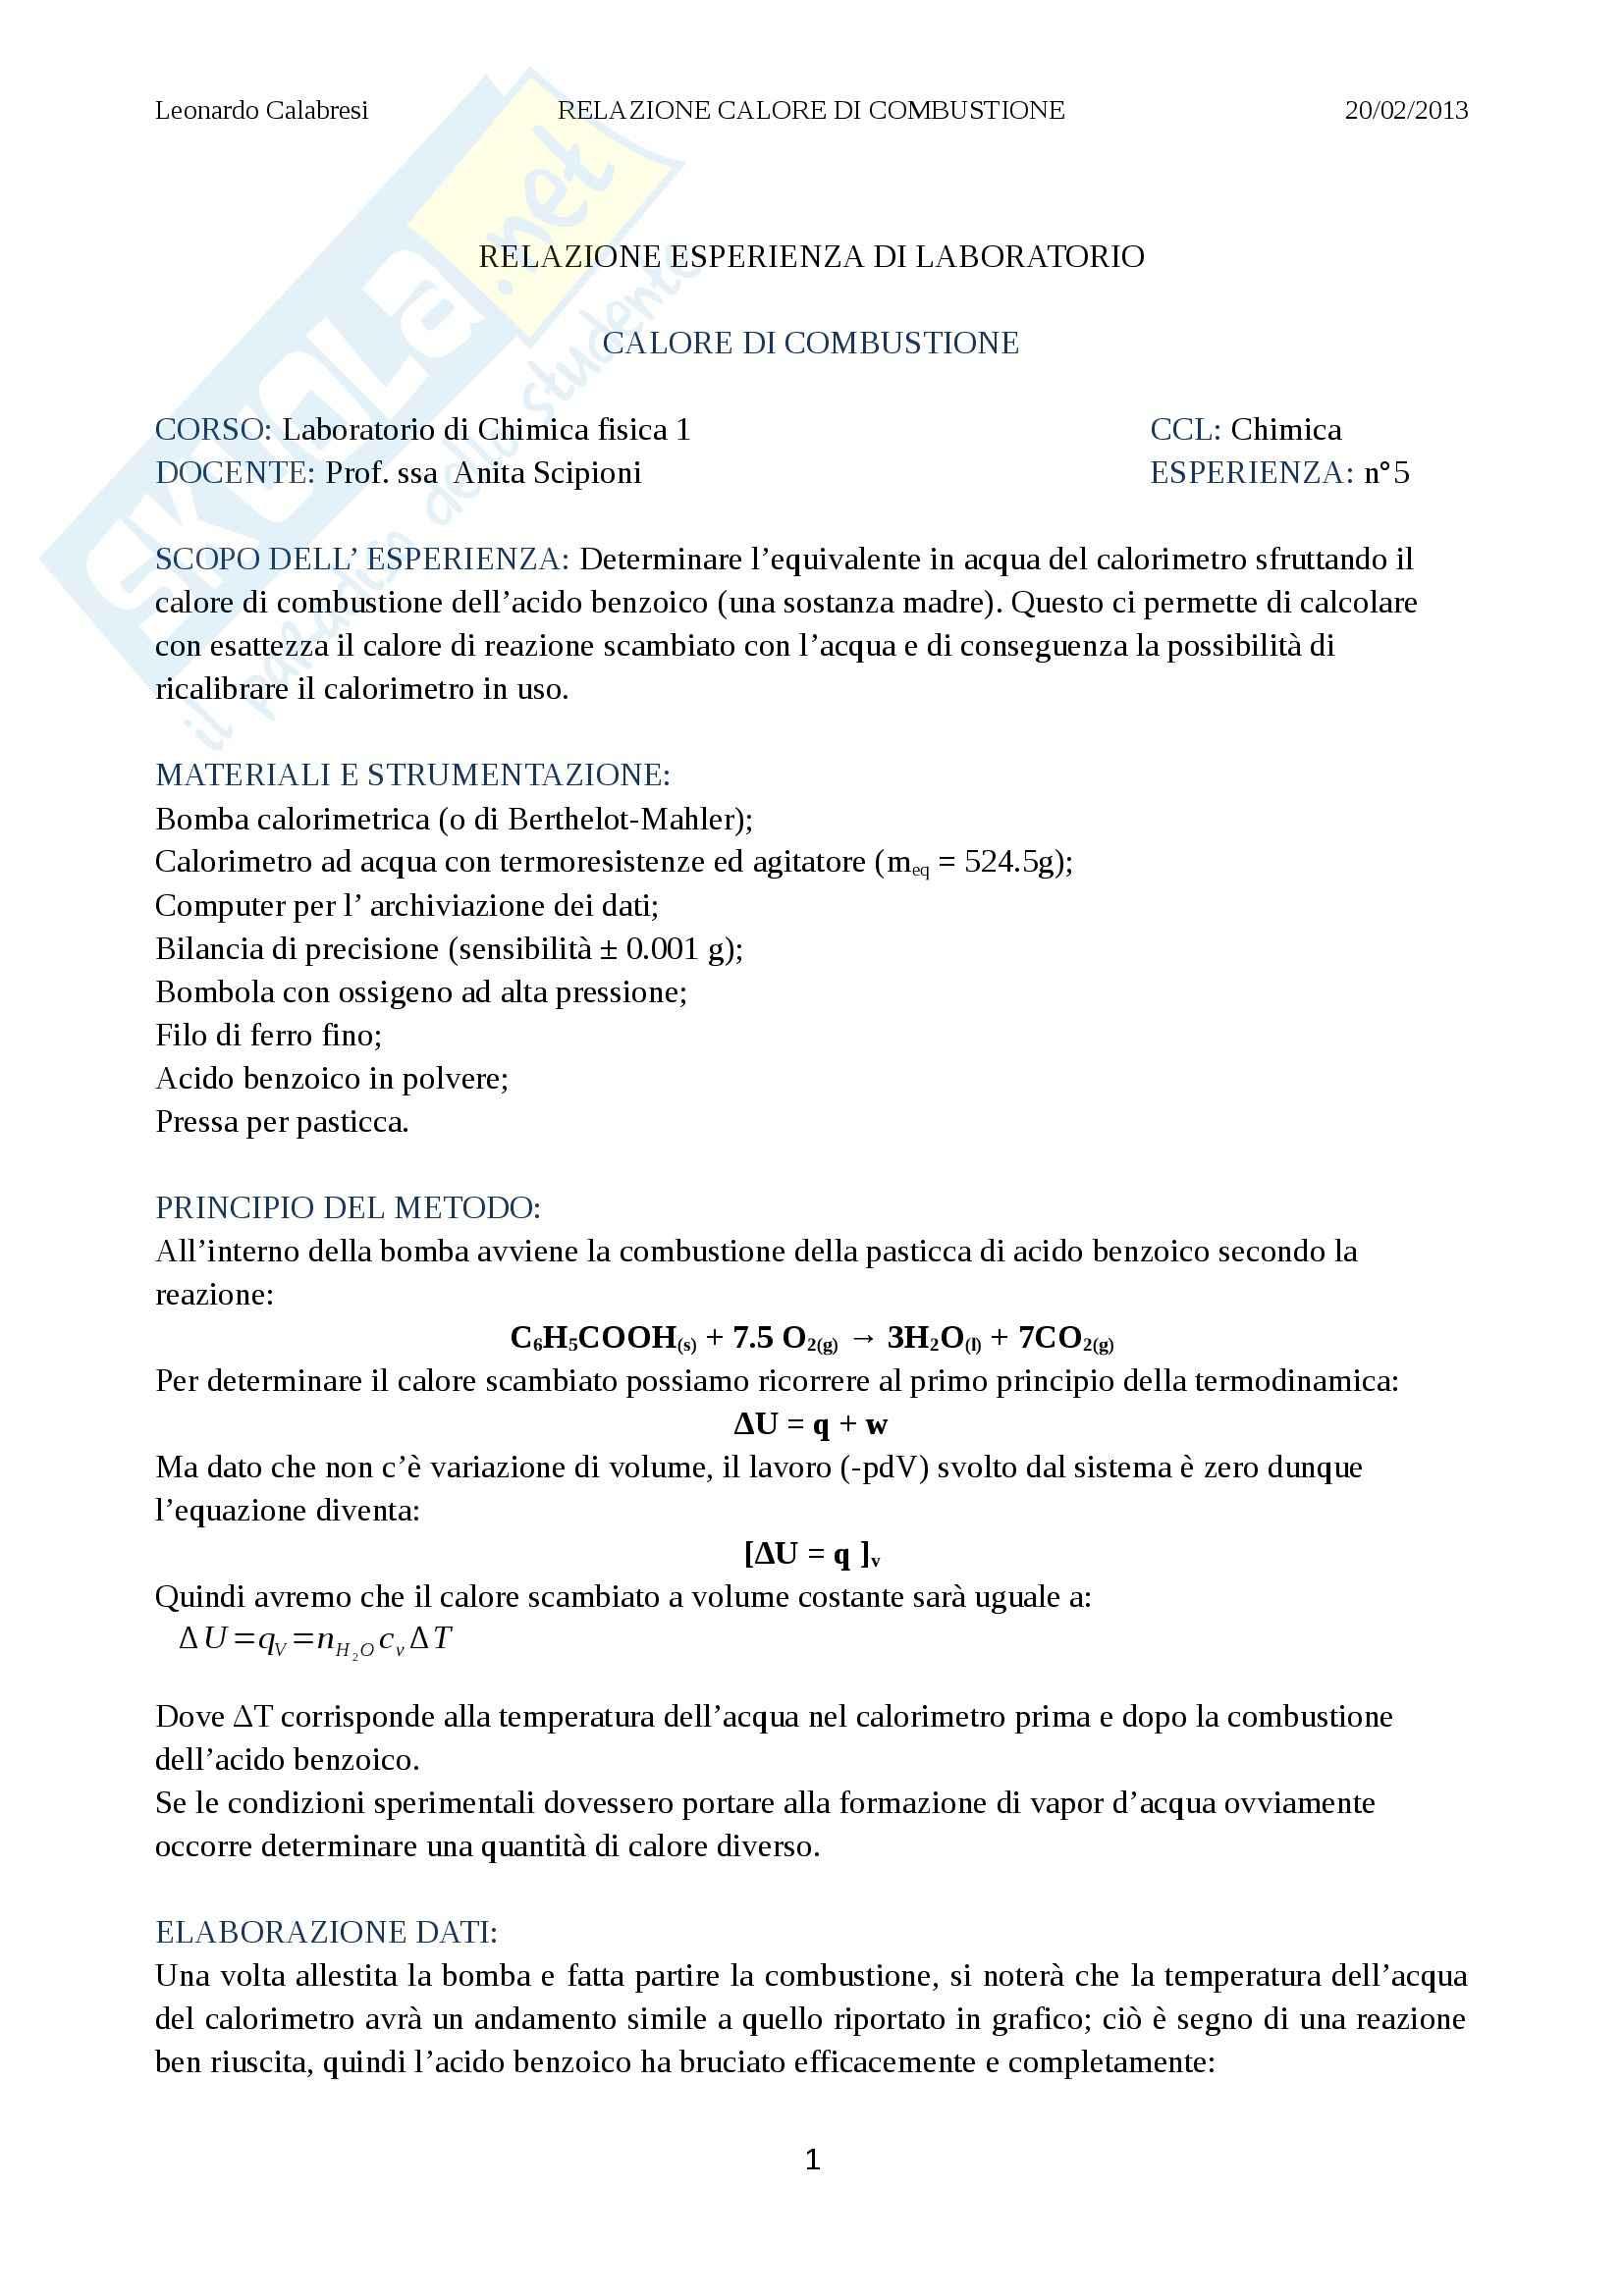 Relazione laboratorio (bomba calorimetrica), Chimica fisica